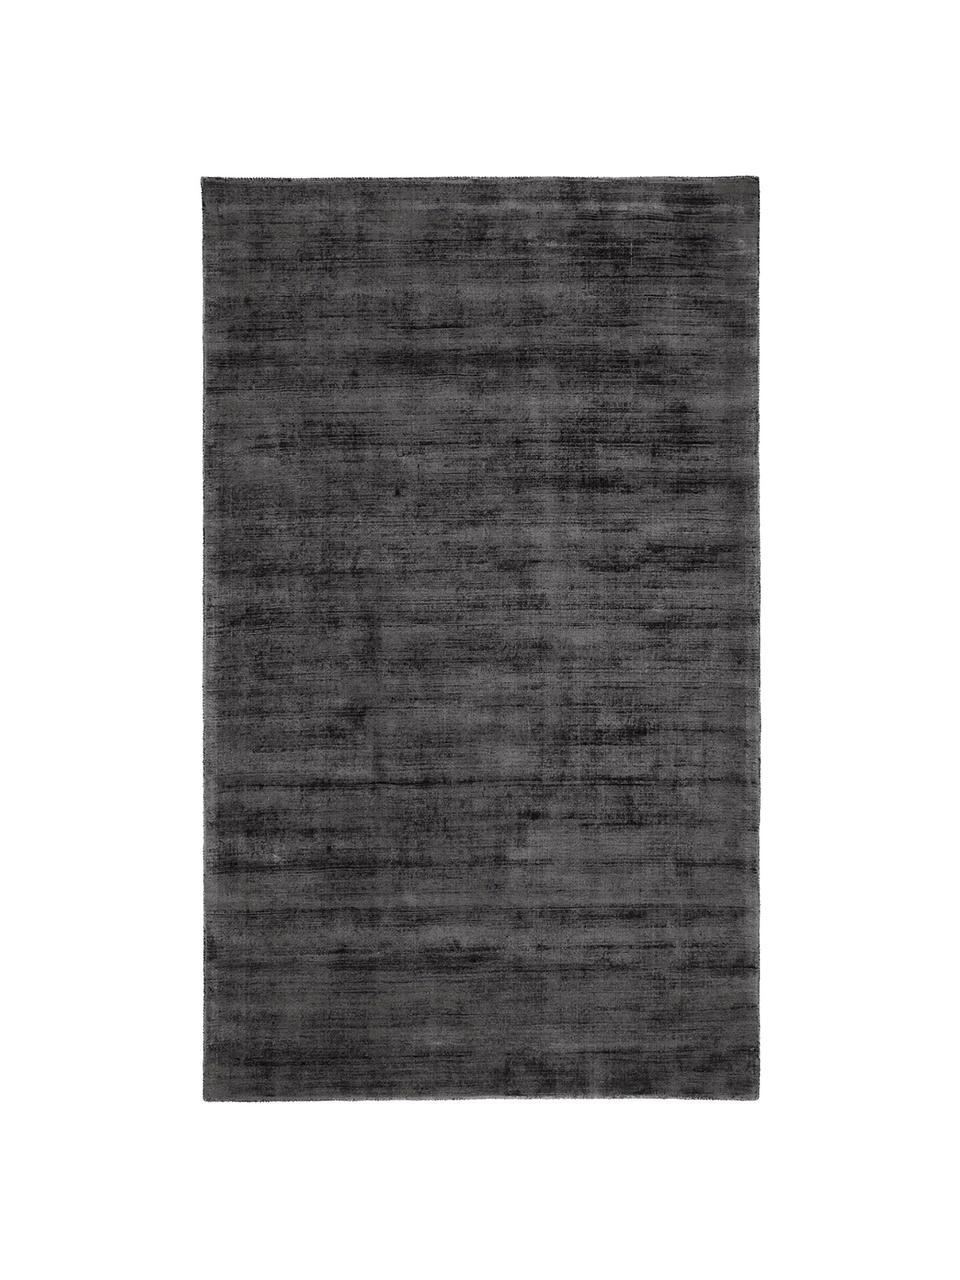 Tappeto in viscosa color antracite-nero tessuto a mano Jane, Retro: 100% cotone, Nero antracite, Larg.160 x Lung. 230 cm  (taglia M)